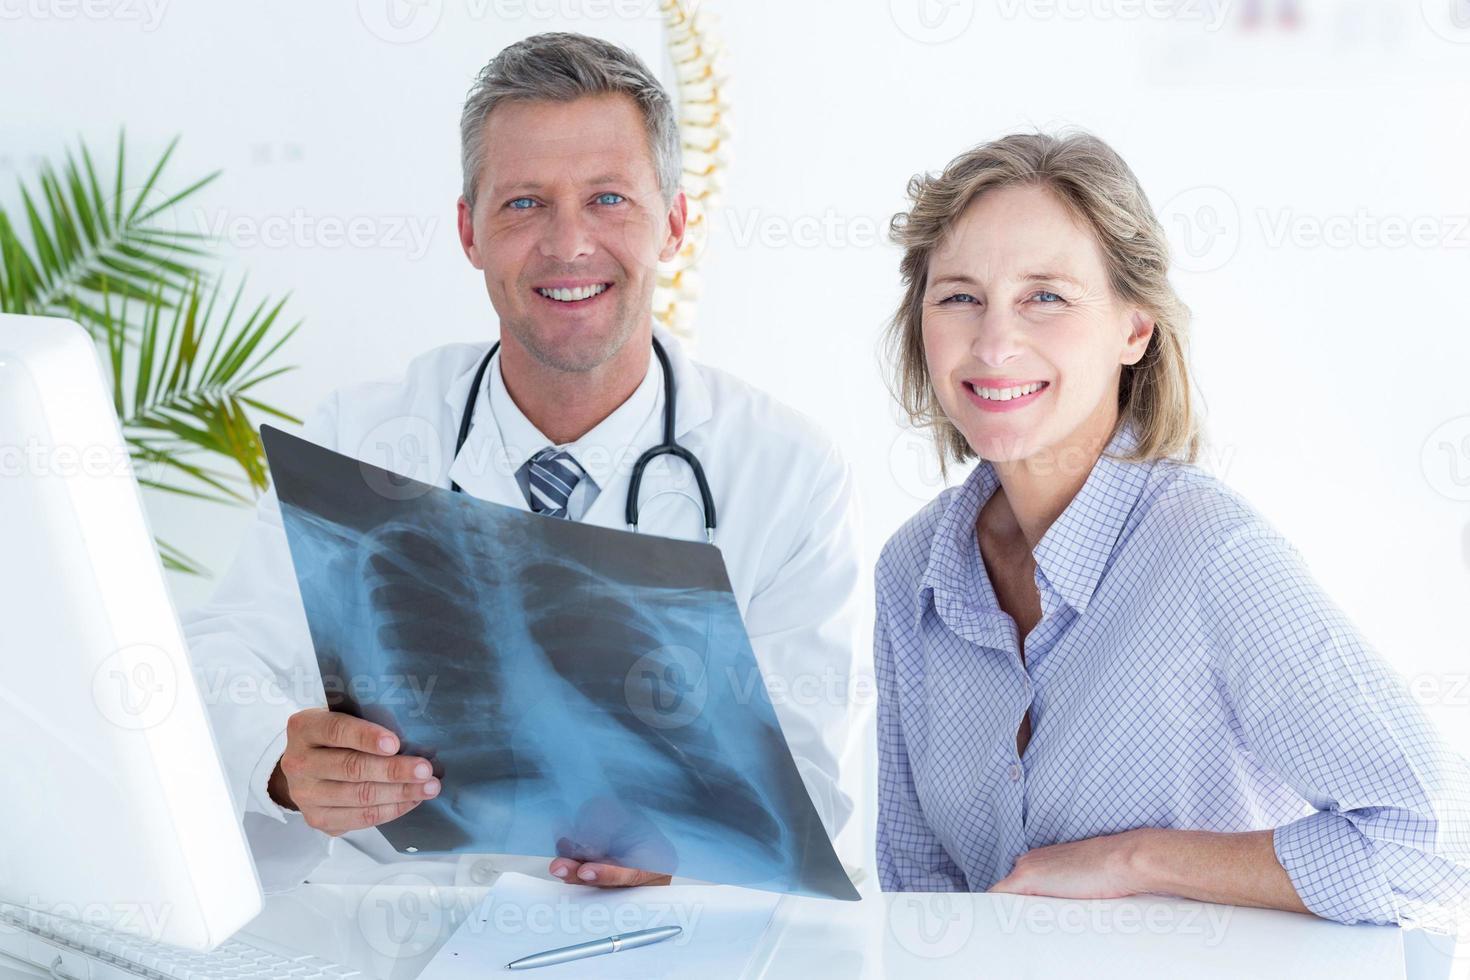 medico e paziente che sorridono alla macchina fotografica foto